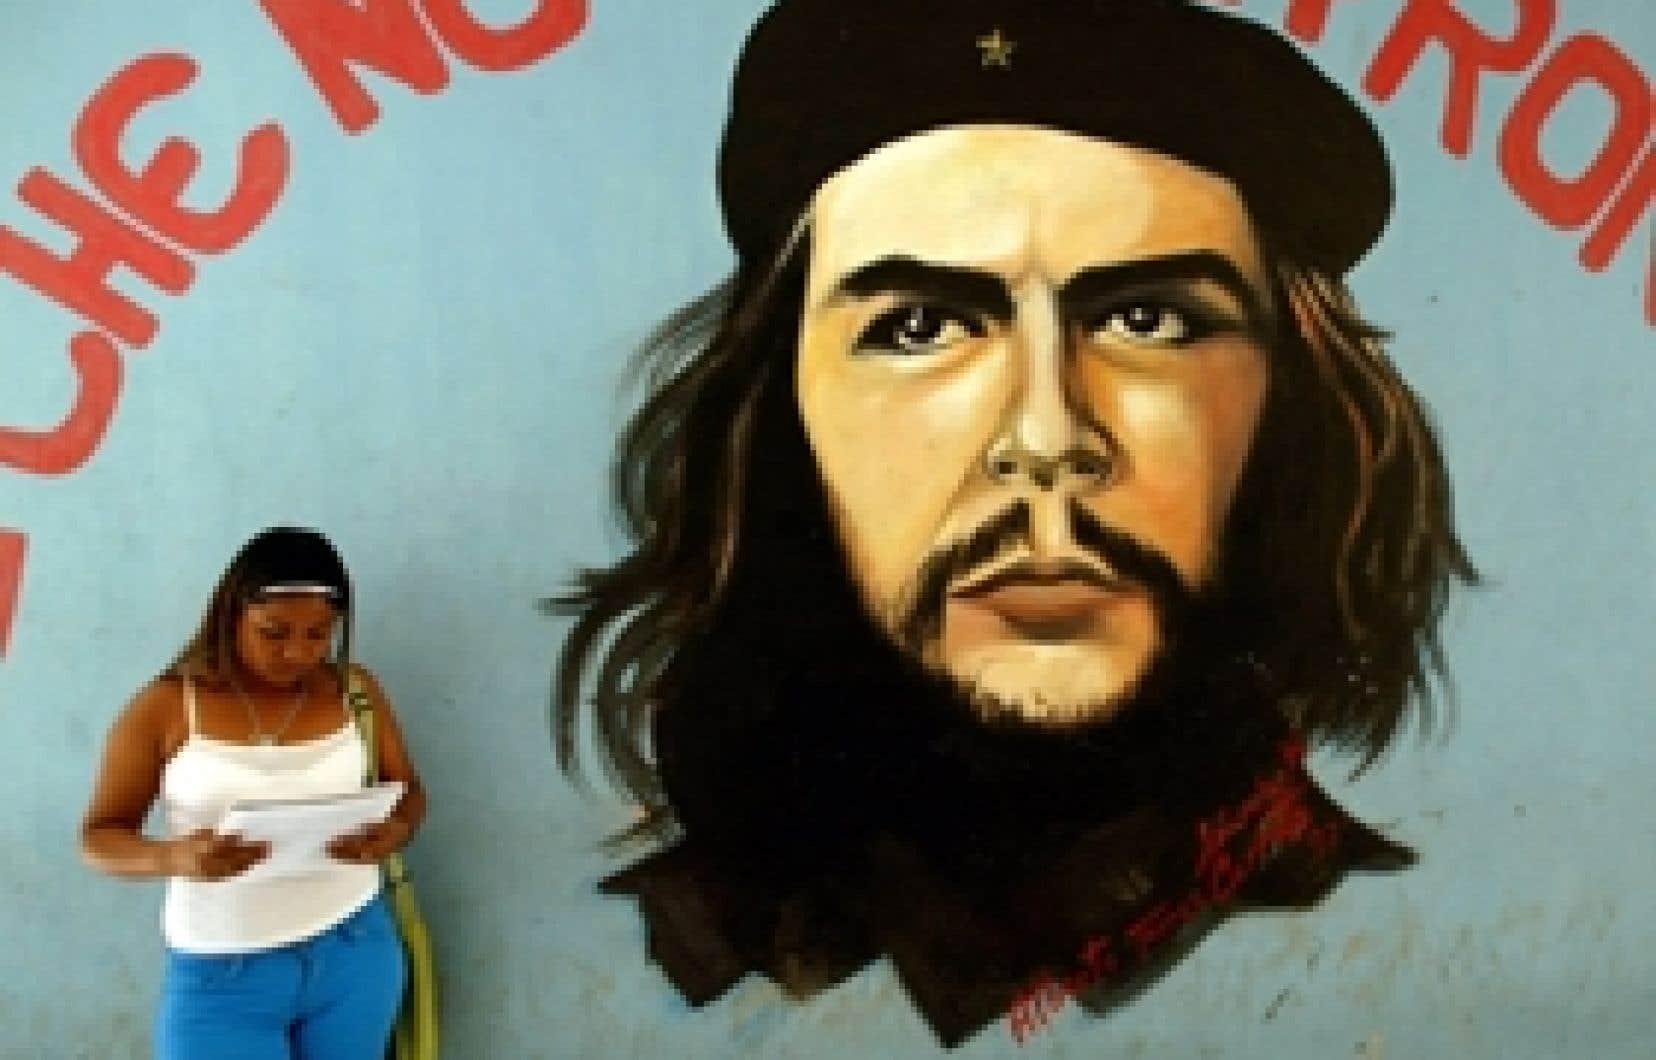 Une affiche de Che Guevara dans une rue de Managua, au Nicaragua